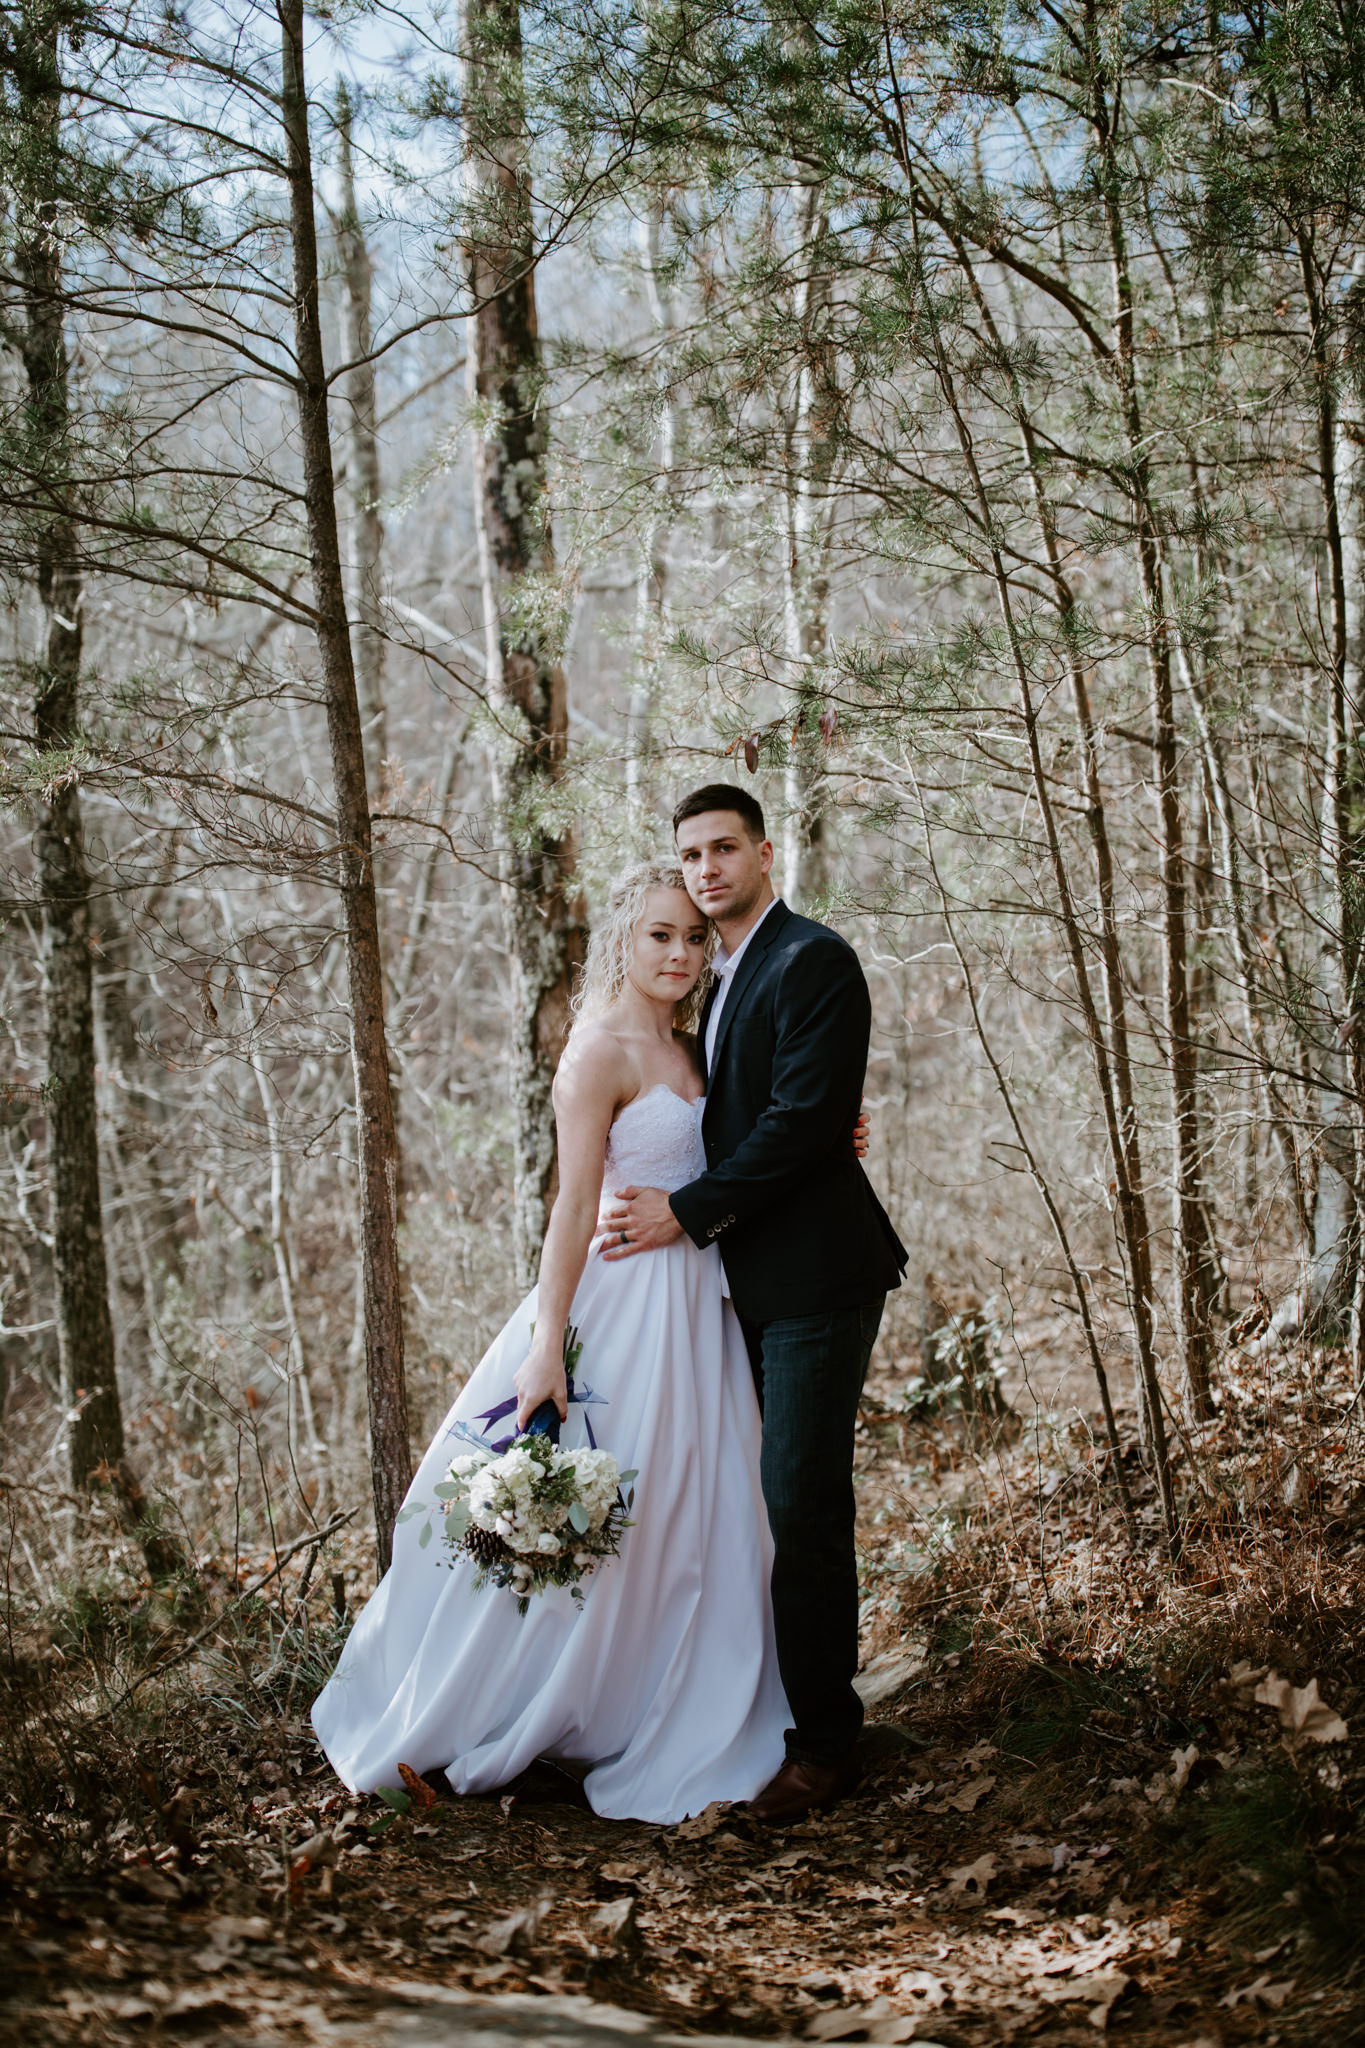 Lauren-and-Trent-Chattanooga-Nashville-Wedding-Elopement-Photographer-24.jpg